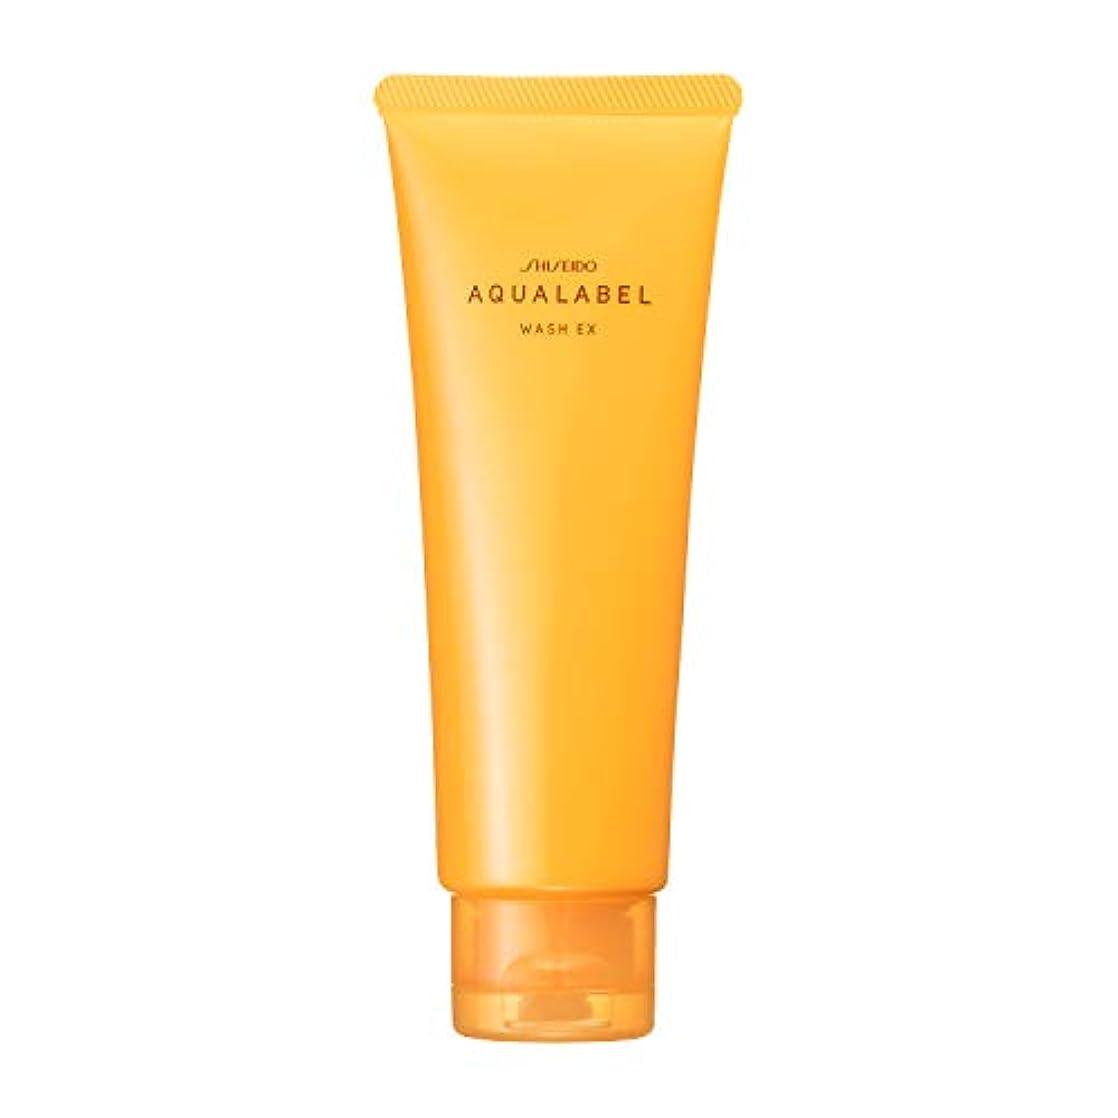 永遠の肌寒い酸化するアクアレーベル 豊潤泡洗顔フォーム 110g